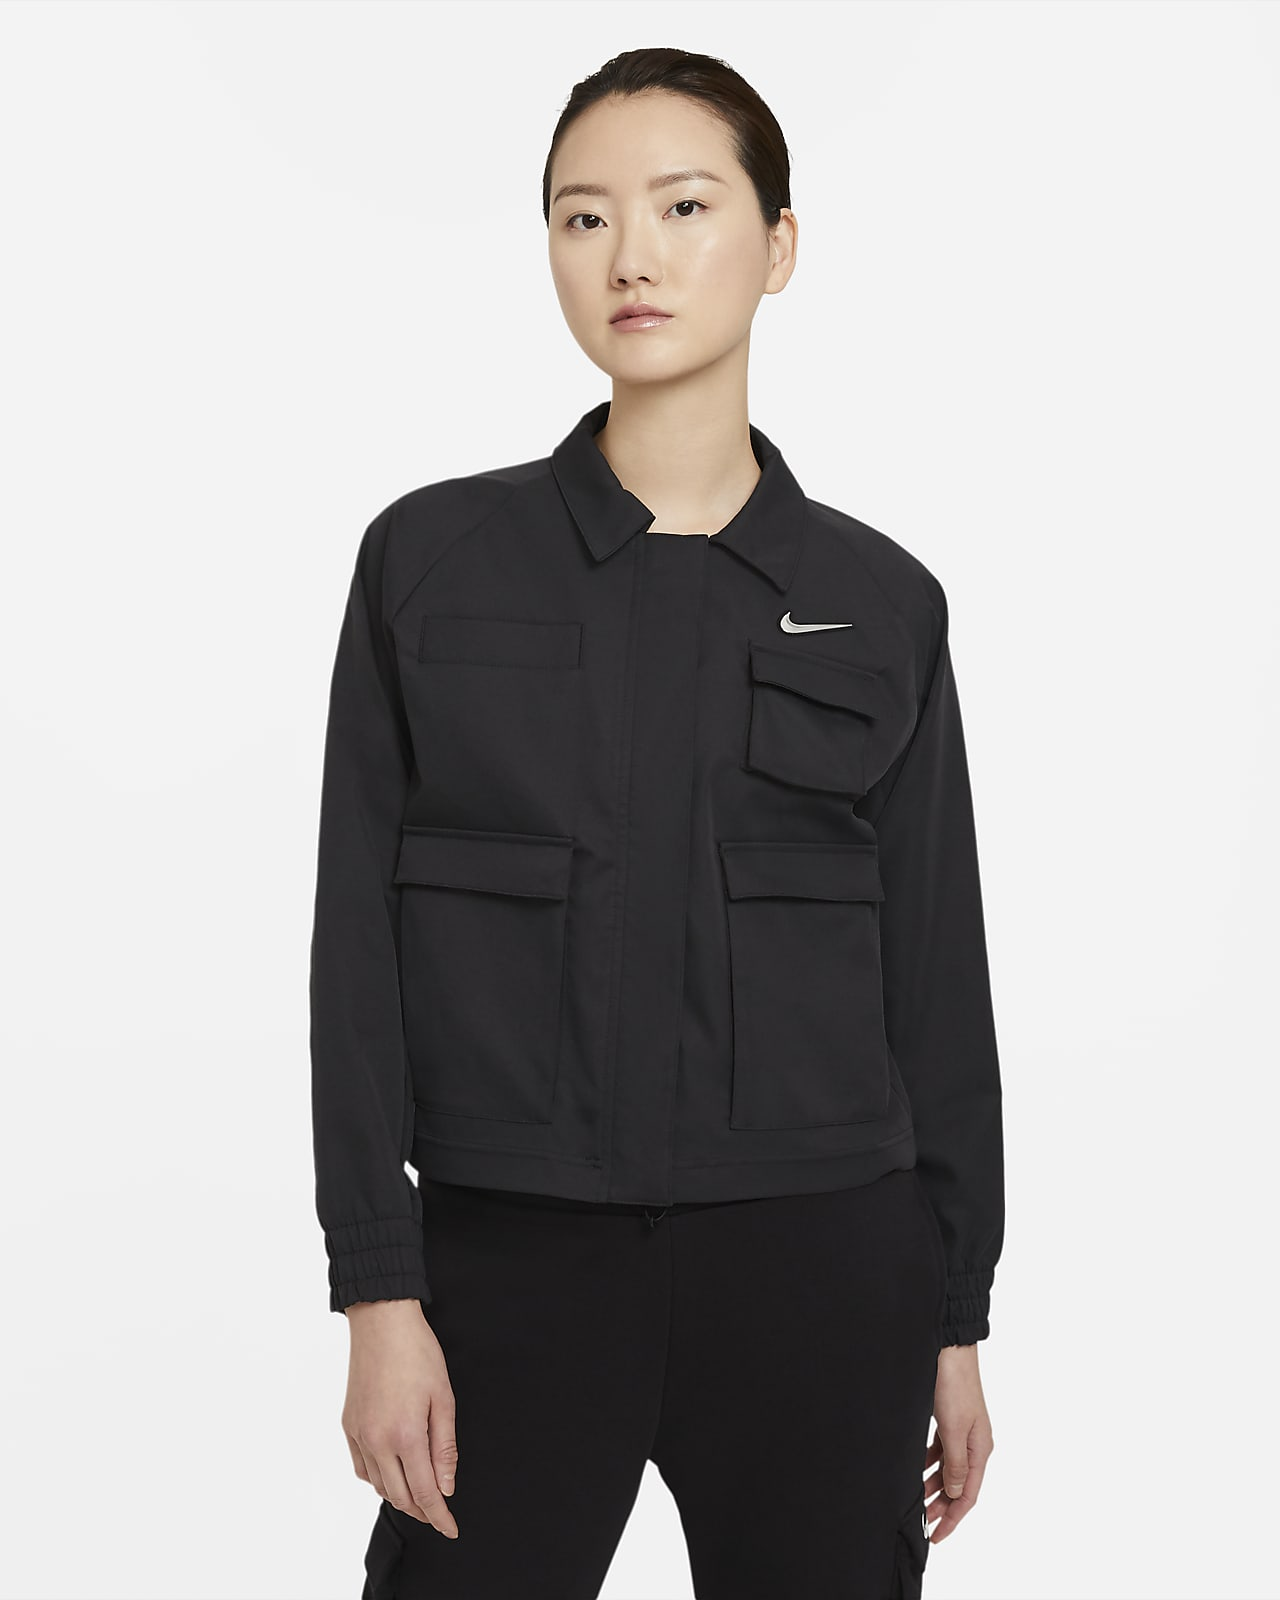 เสื้อแจ็คเก็ตแบบทอผู้หญิง Nike Sportswear Swoosh